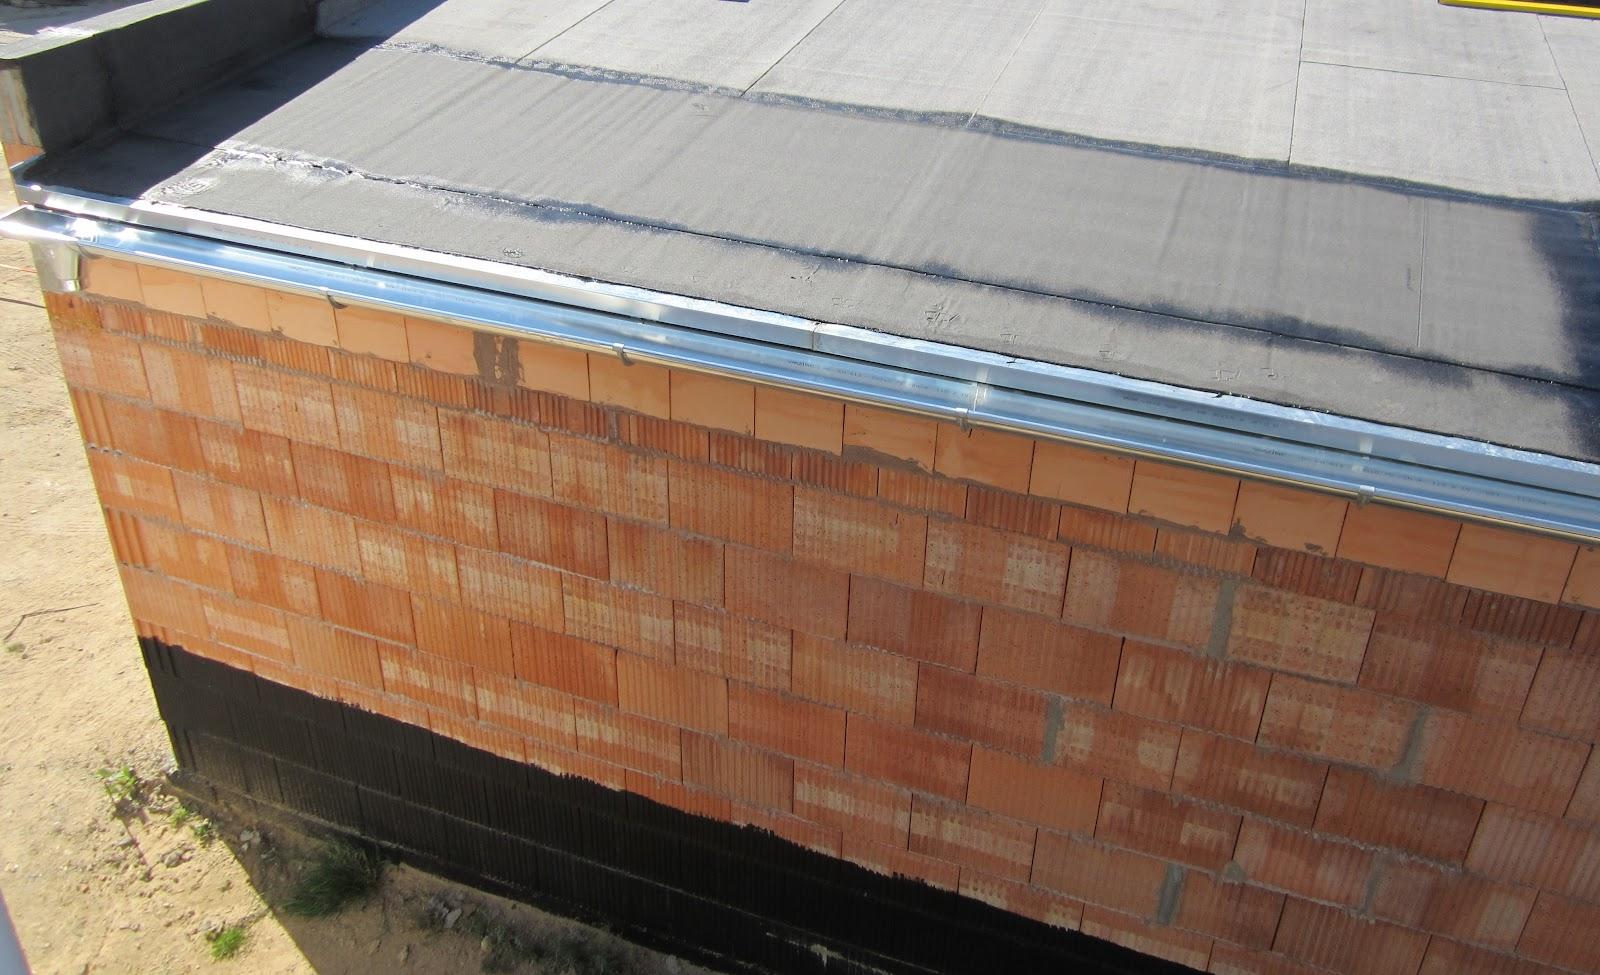 unser hausbau garage in eigenleistung 2 lage bitumenbahn angeschwei t. Black Bedroom Furniture Sets. Home Design Ideas